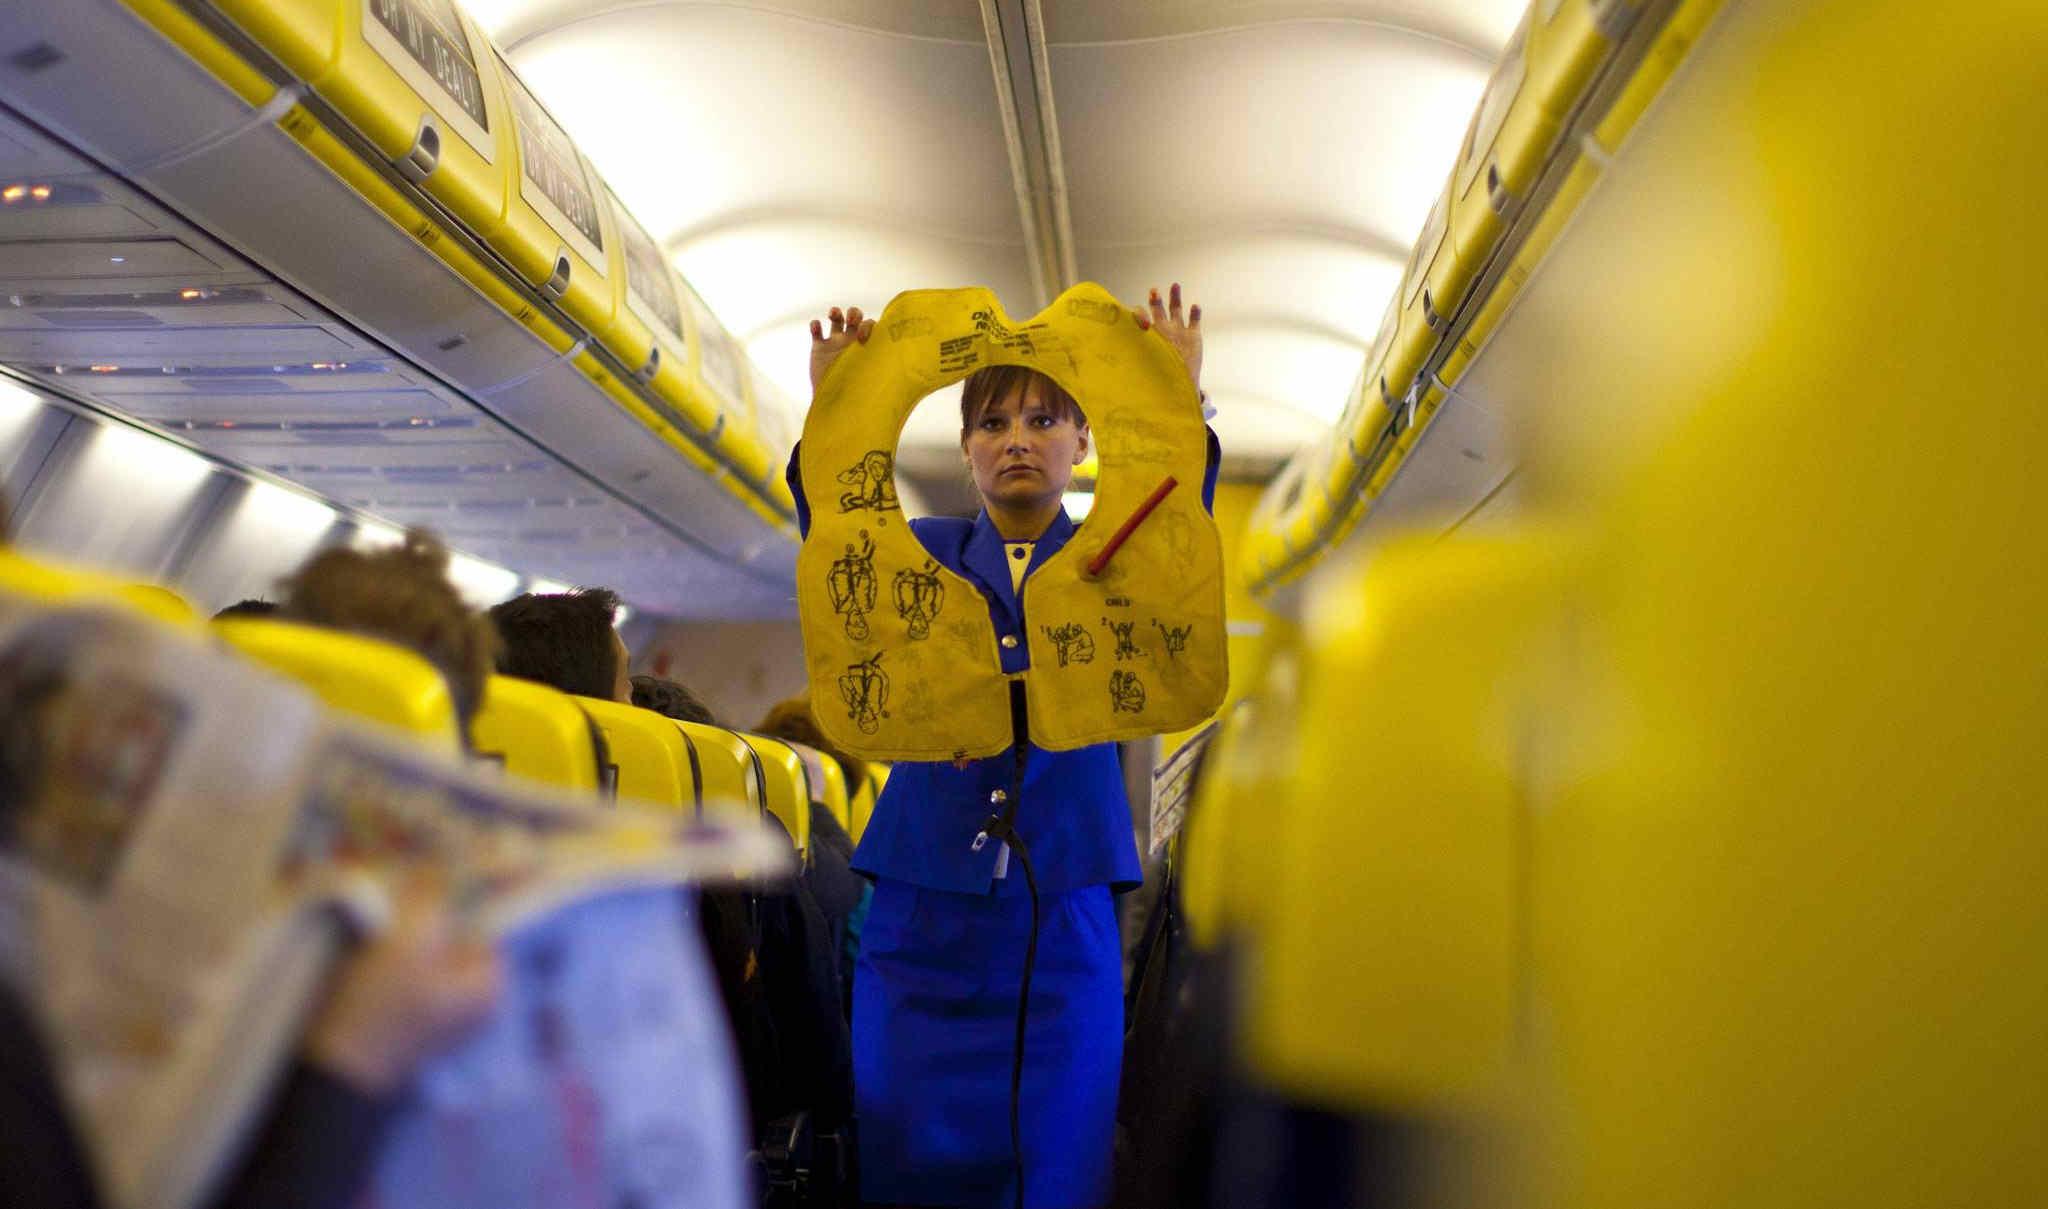 Νέες προσλήψεις αεροσυνοδών από τη Ryanair